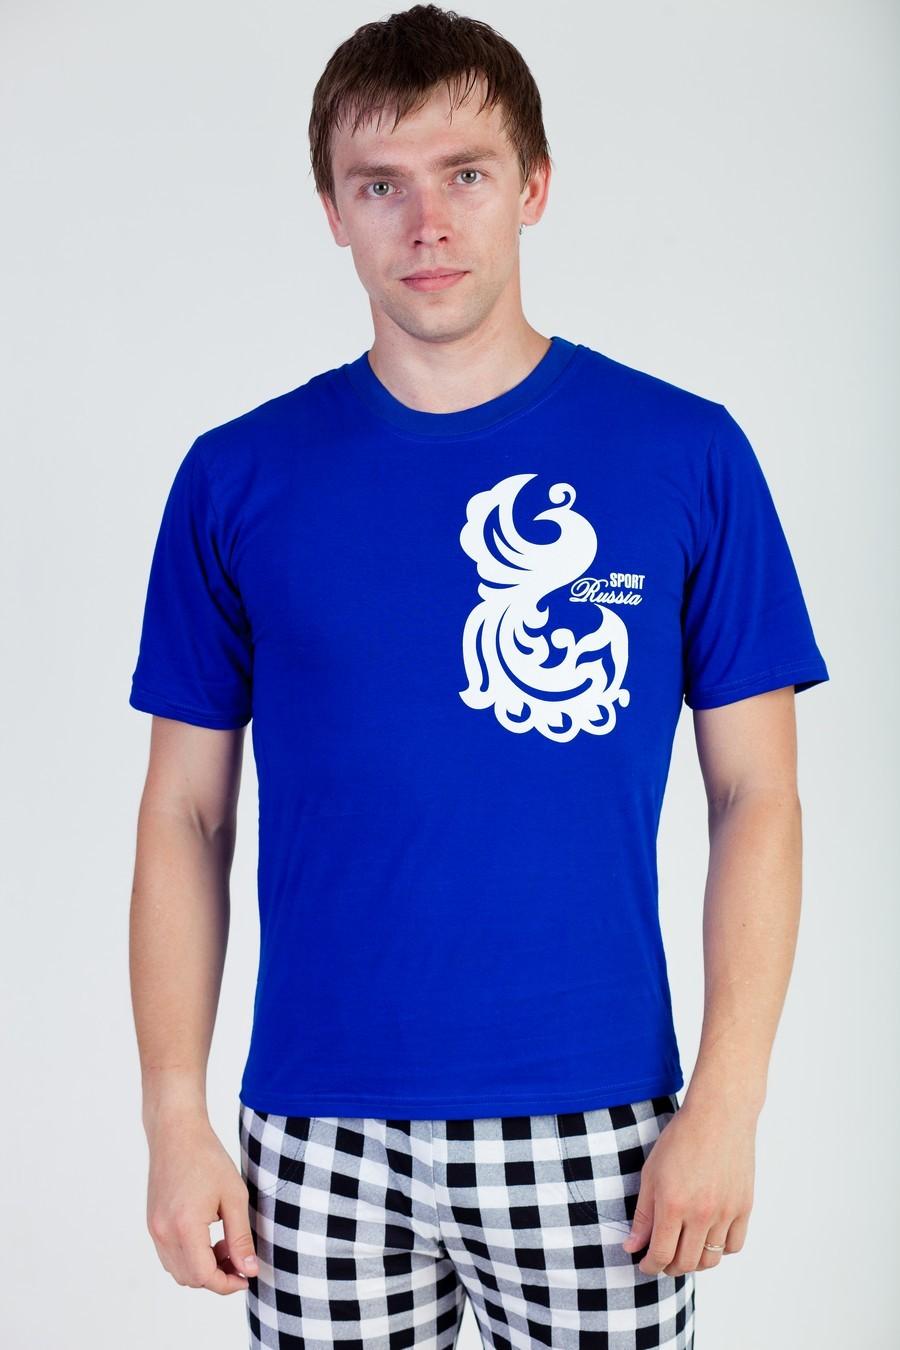 Футболка мужская Россия СпортФутболки<br><br><br>Размер: Голубой